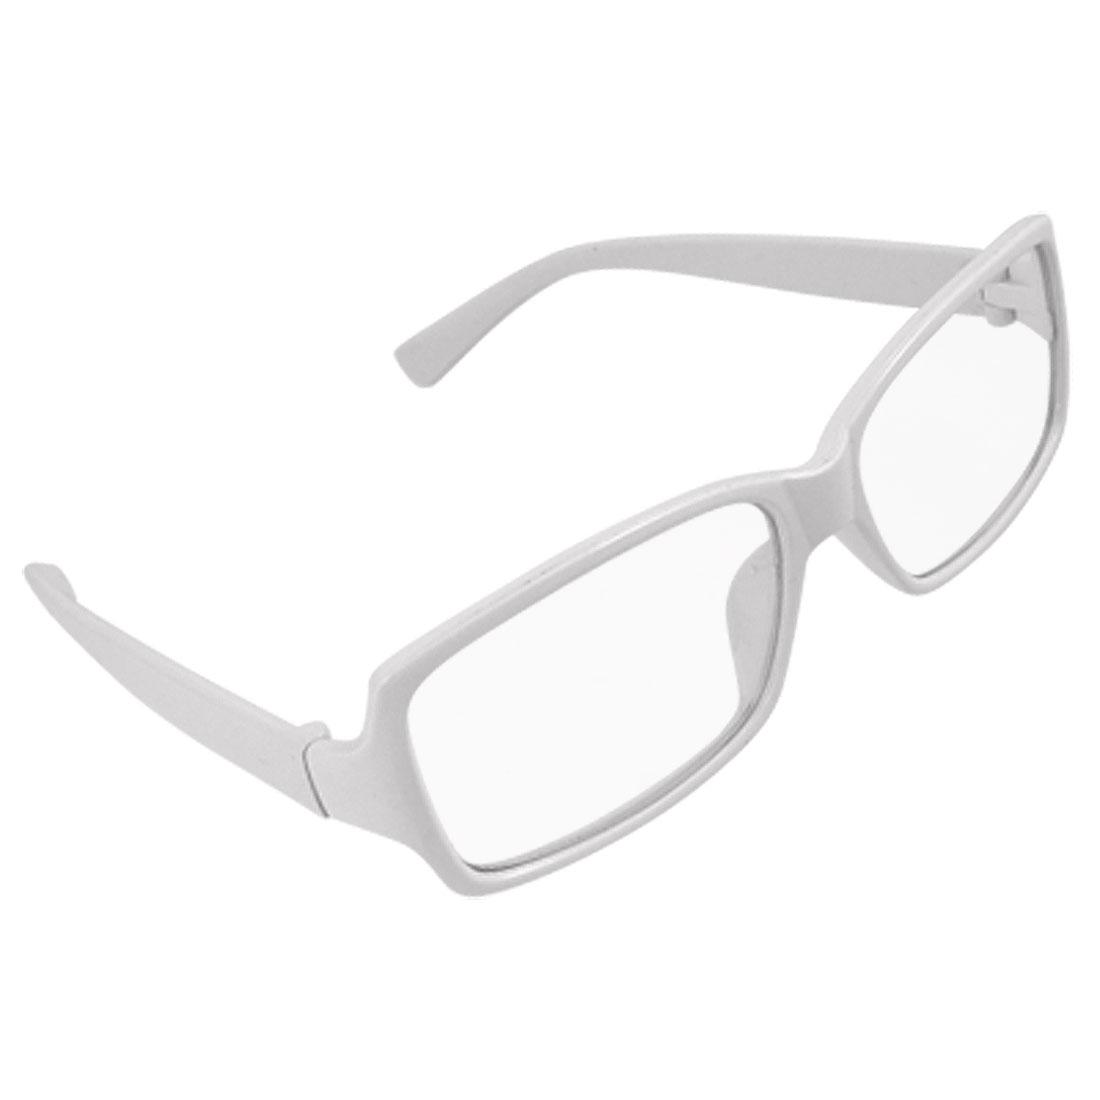 Plastic White Frame Arms Rimmed Clear Lens Unisex Glasses